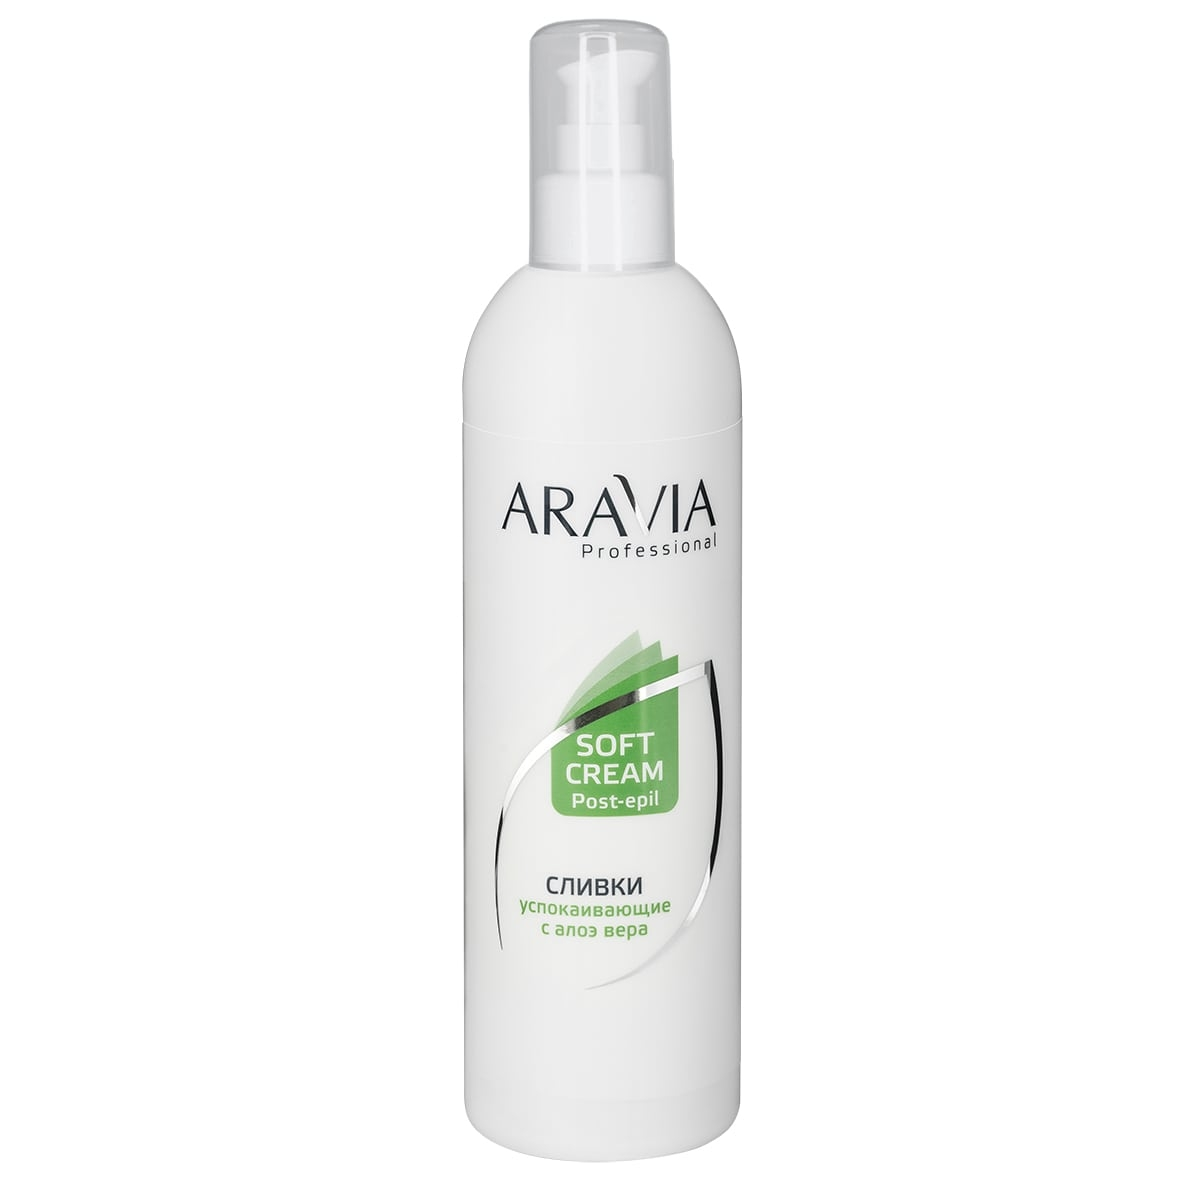 ARAVIA Сливки Post-epil Soft Cream успокаивающие с алоэ вера, 300 мл тоник для кожи гельтек с гидролизатом коллагена и алоэ вера 300 мл